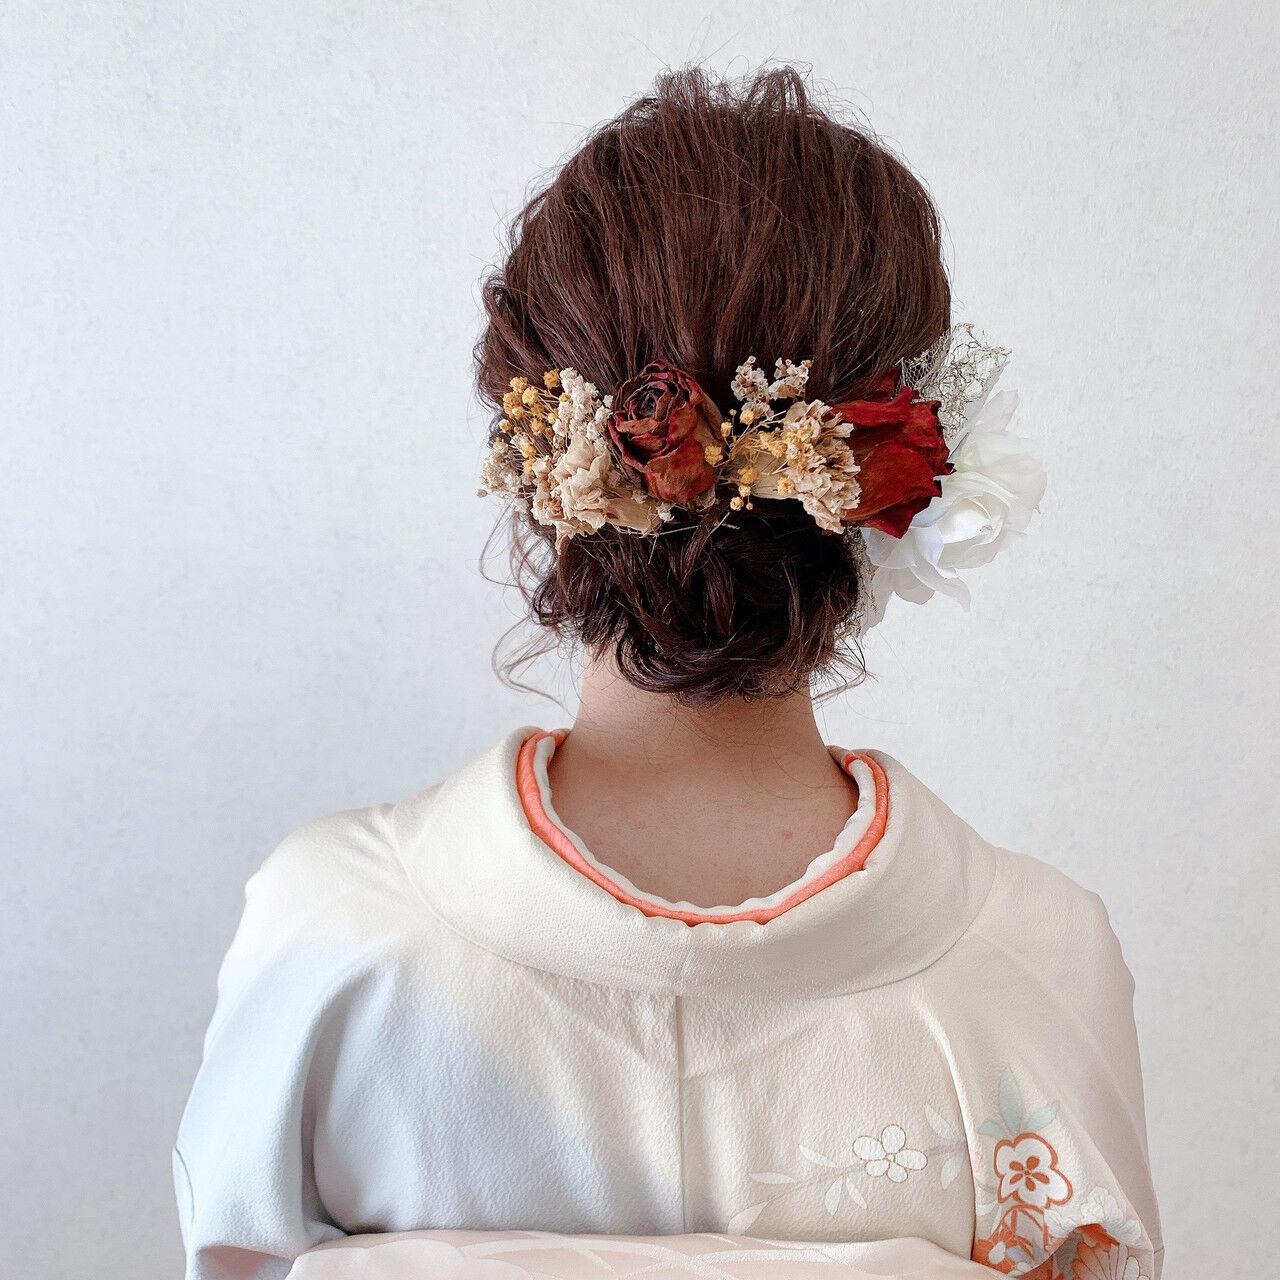 ミディアム 着物 訪問着 振袖ヘアヘアスタイルや髪型の写真・画像